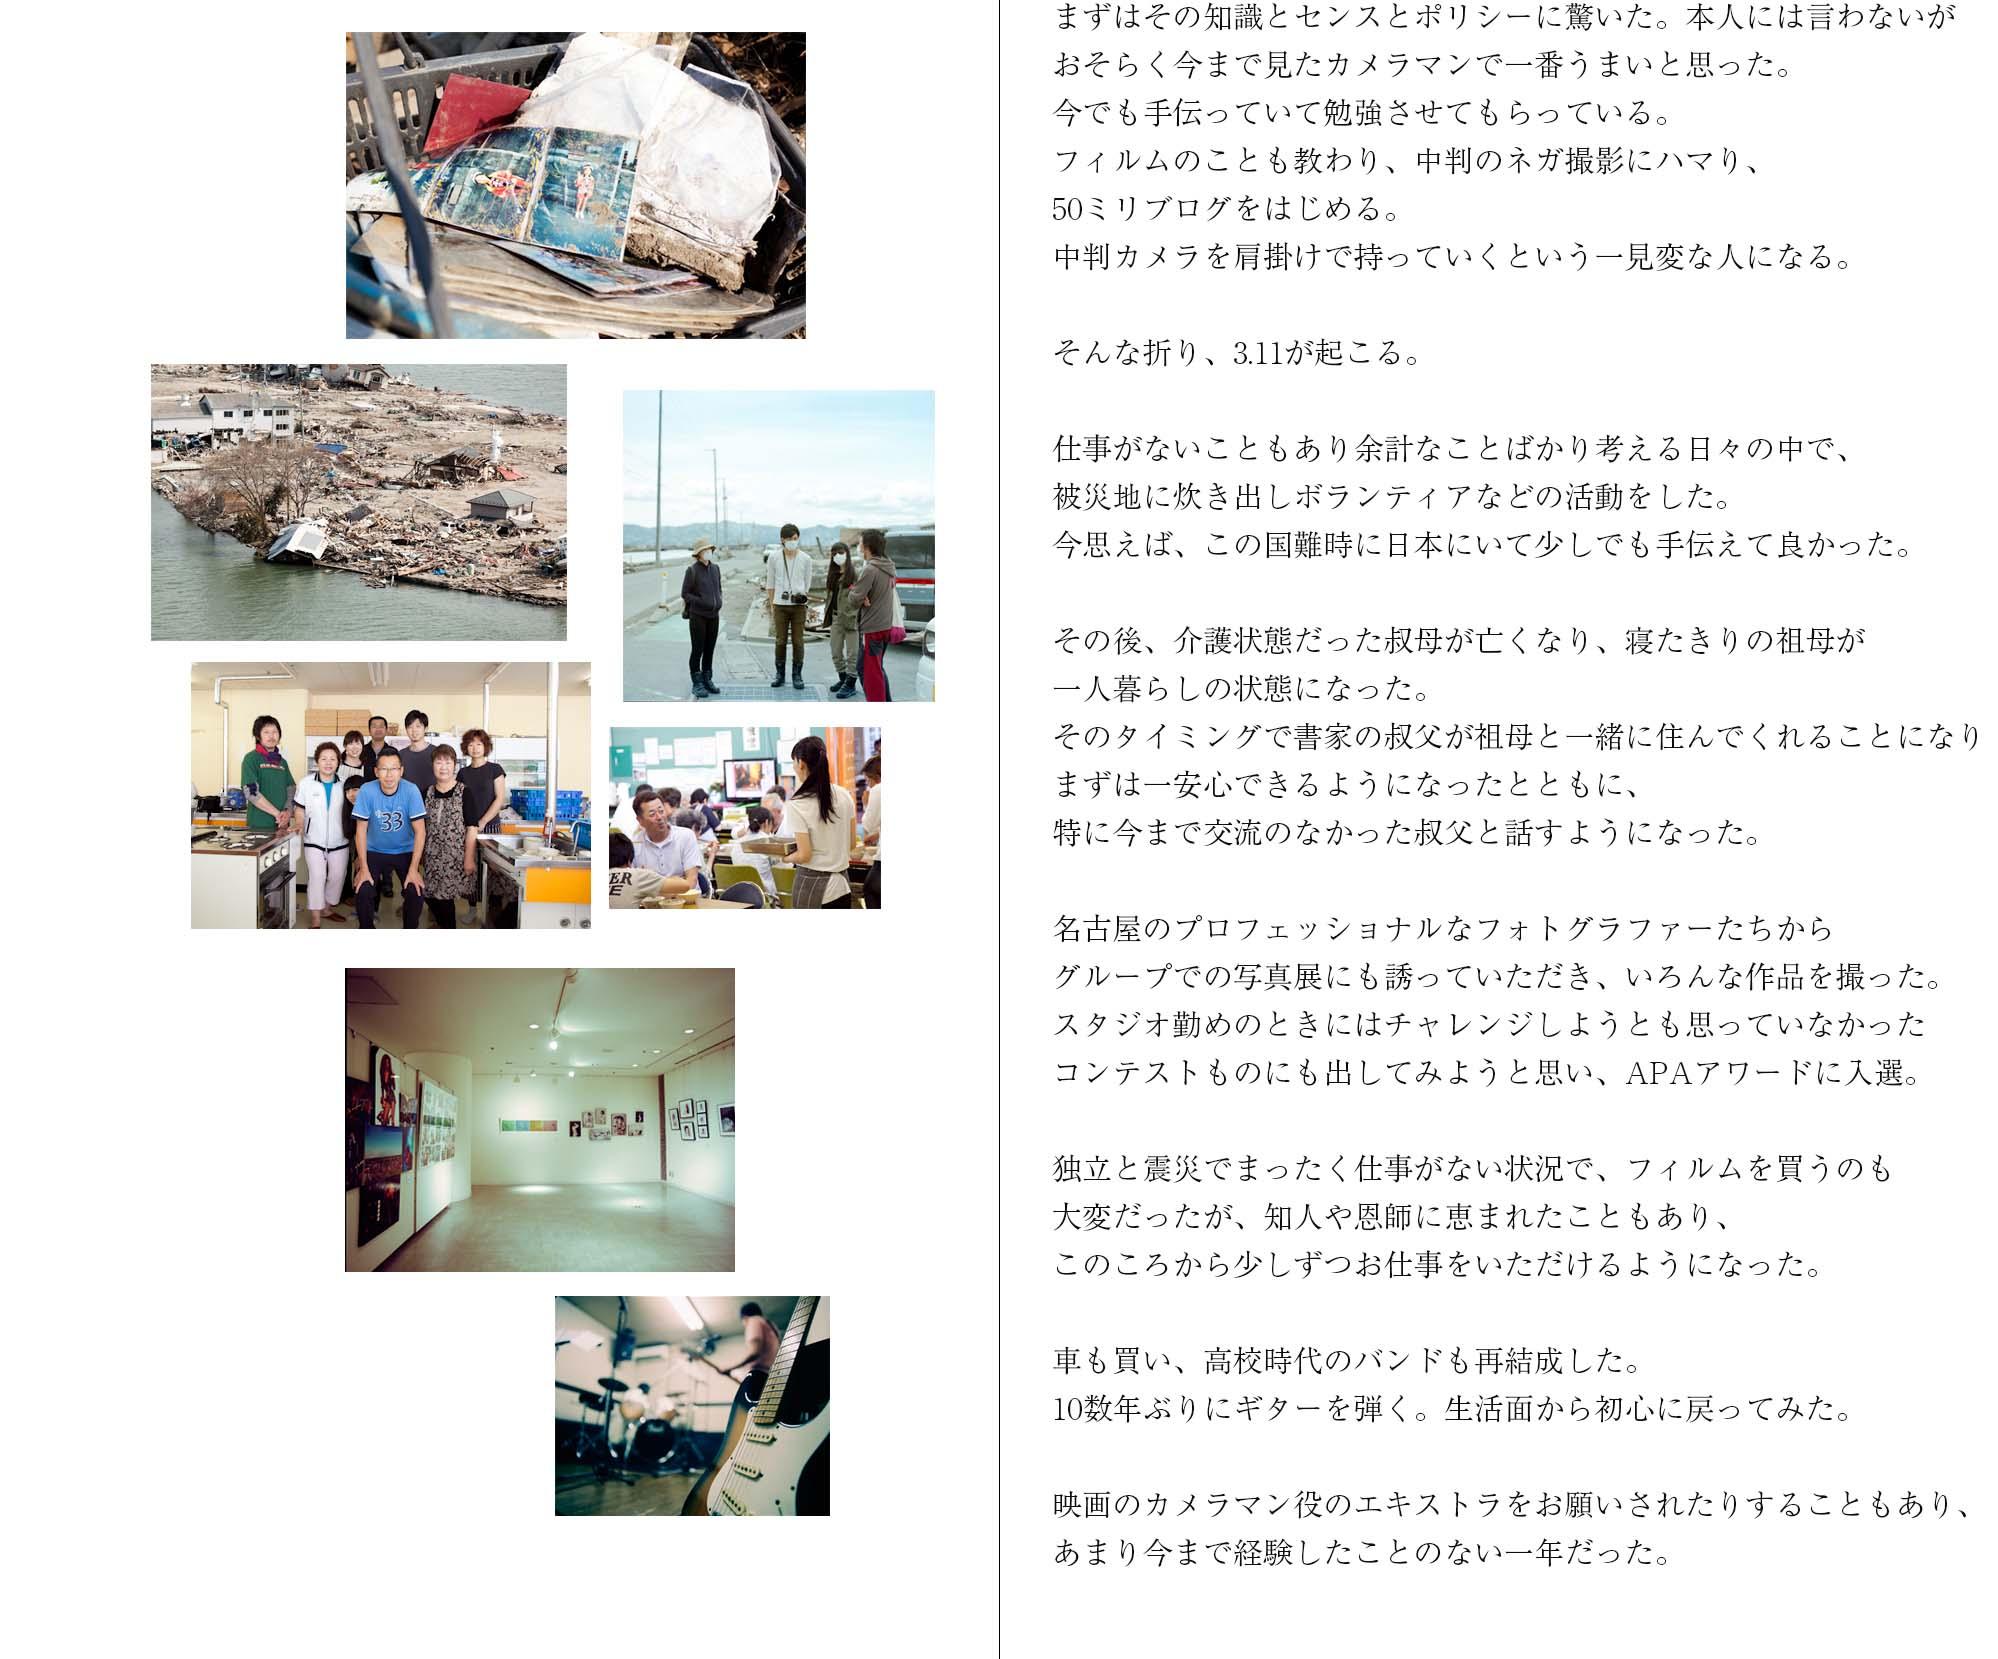 20131228_佐治秀保史_16